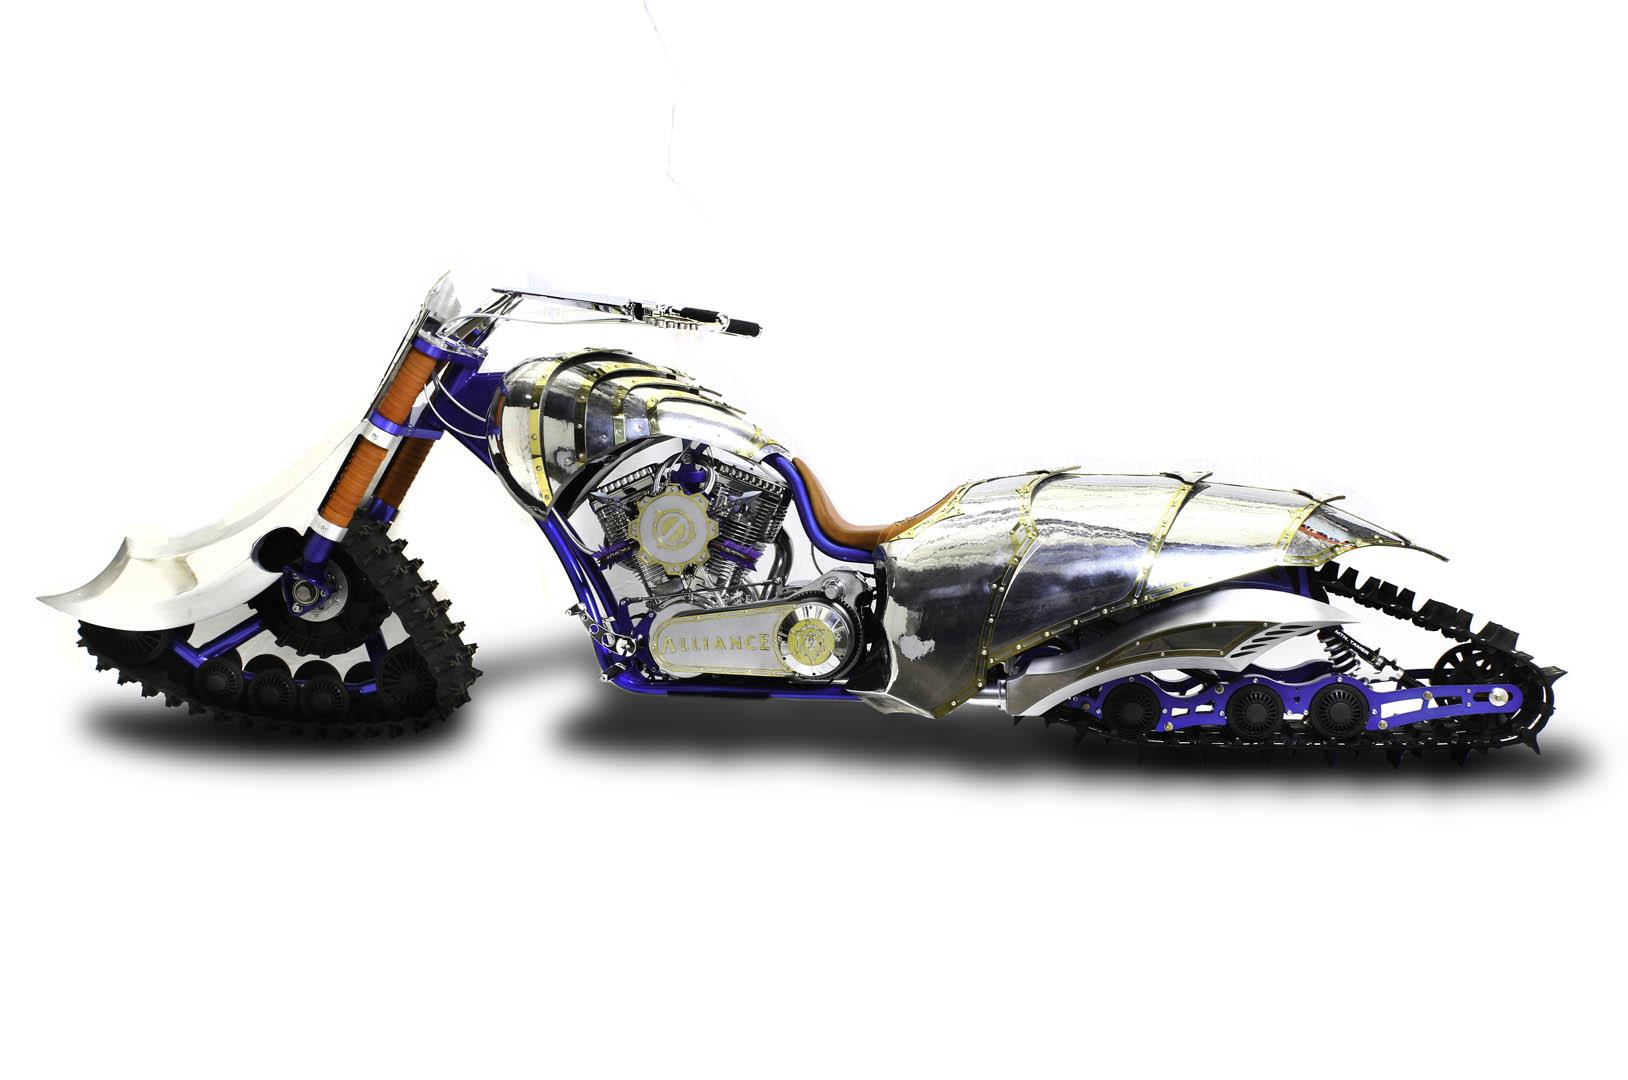 paul-jr-designs-wow-alliance-bike-036